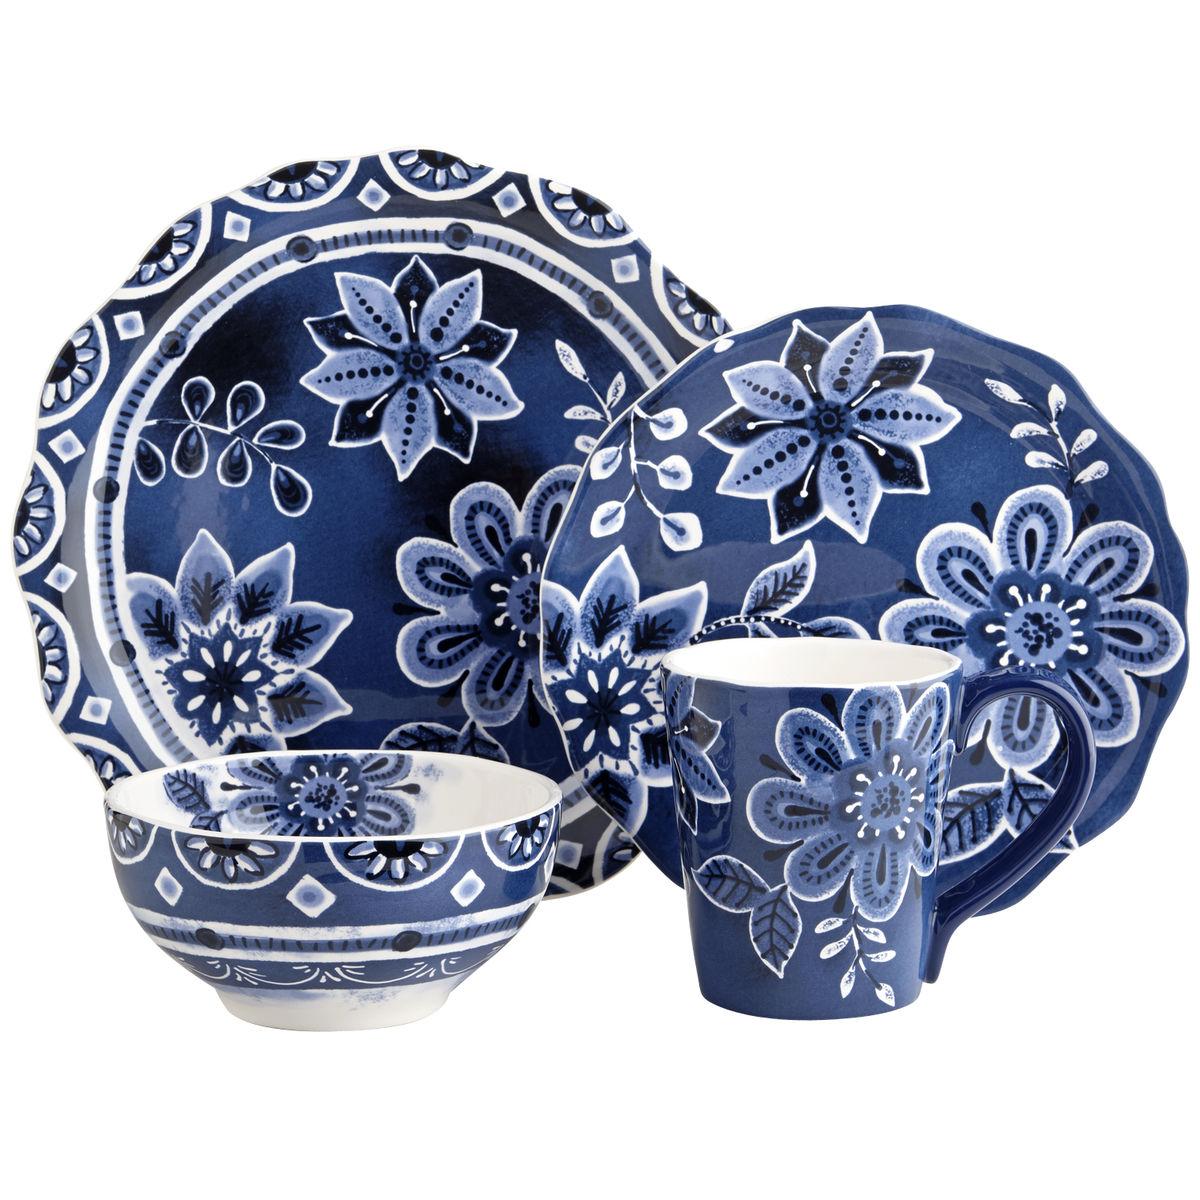 Indigo Floral Dinnerware from  Pier1